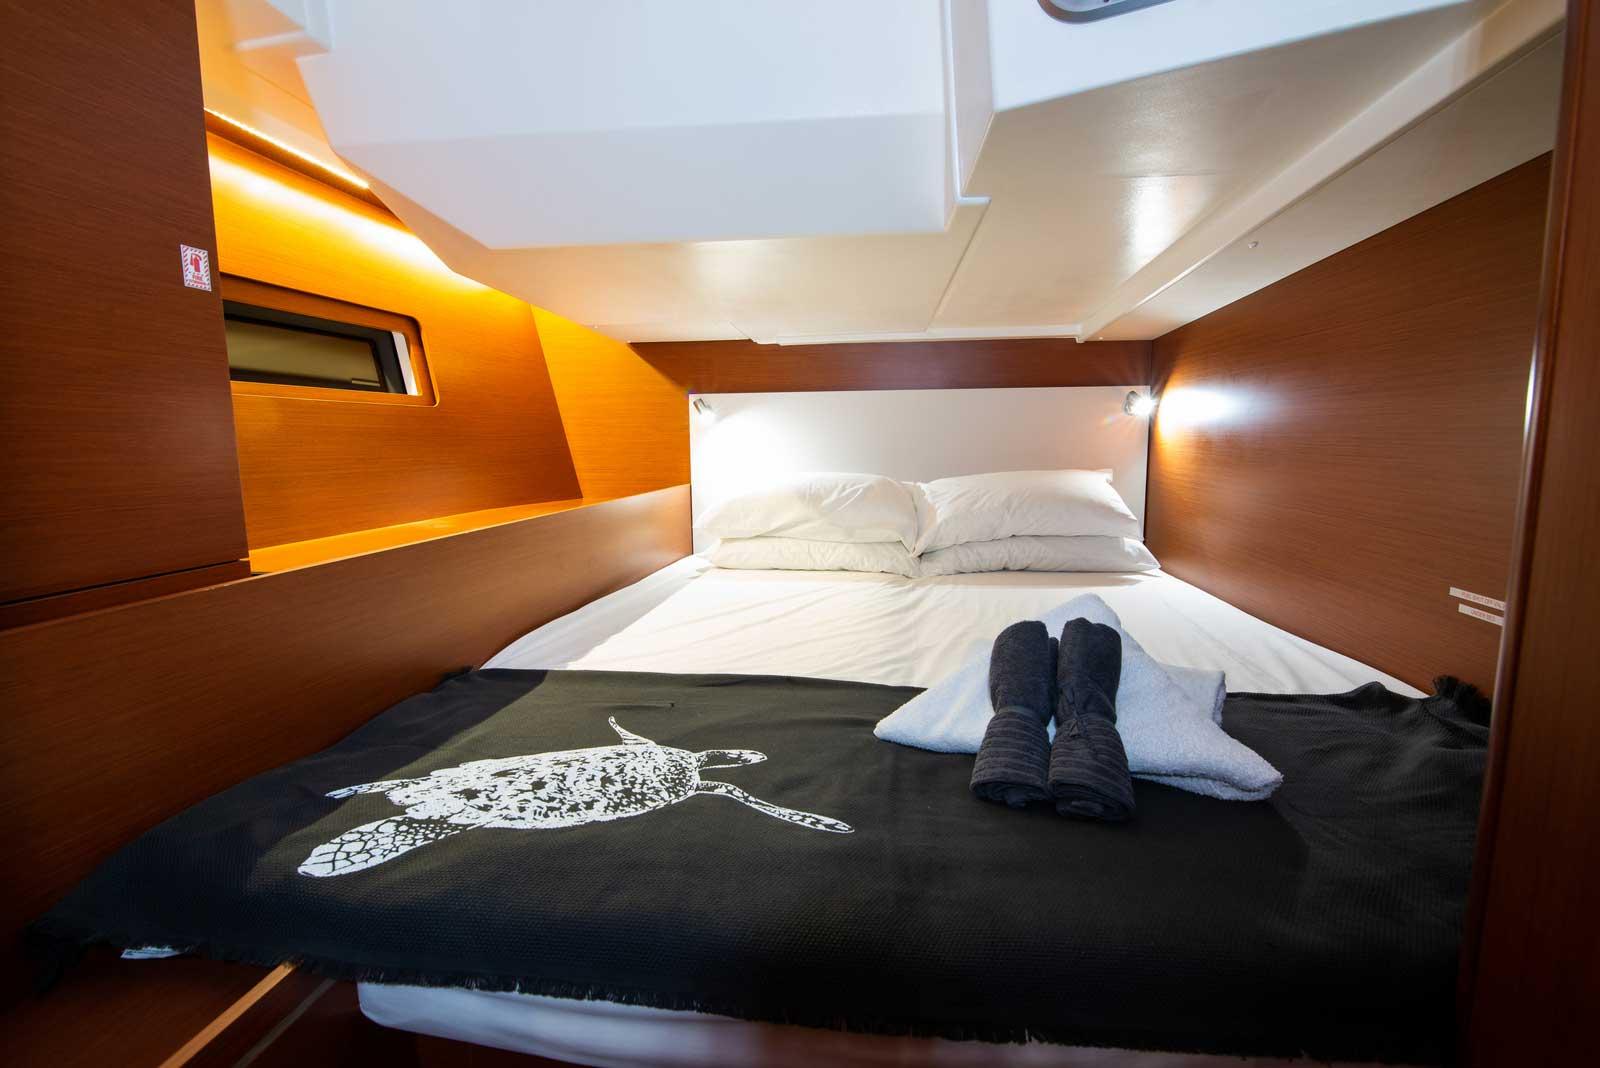 Beneteau-Oceanis-51.1-bed-three